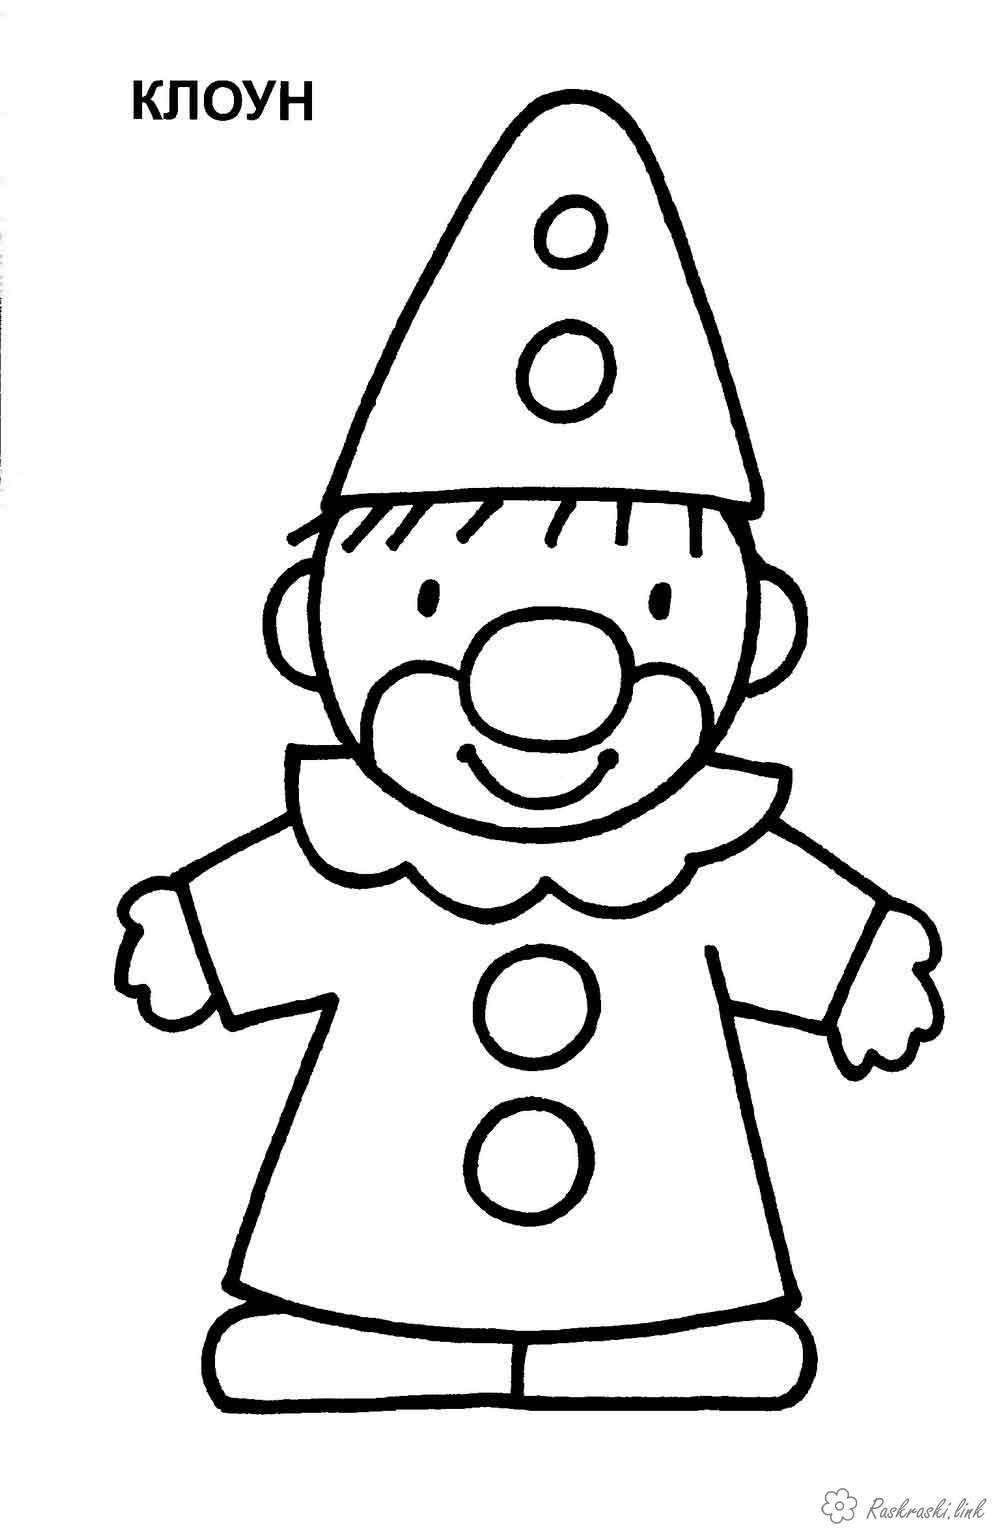 Простые раскраски для малышей Раскраски распечатать бесплатно.